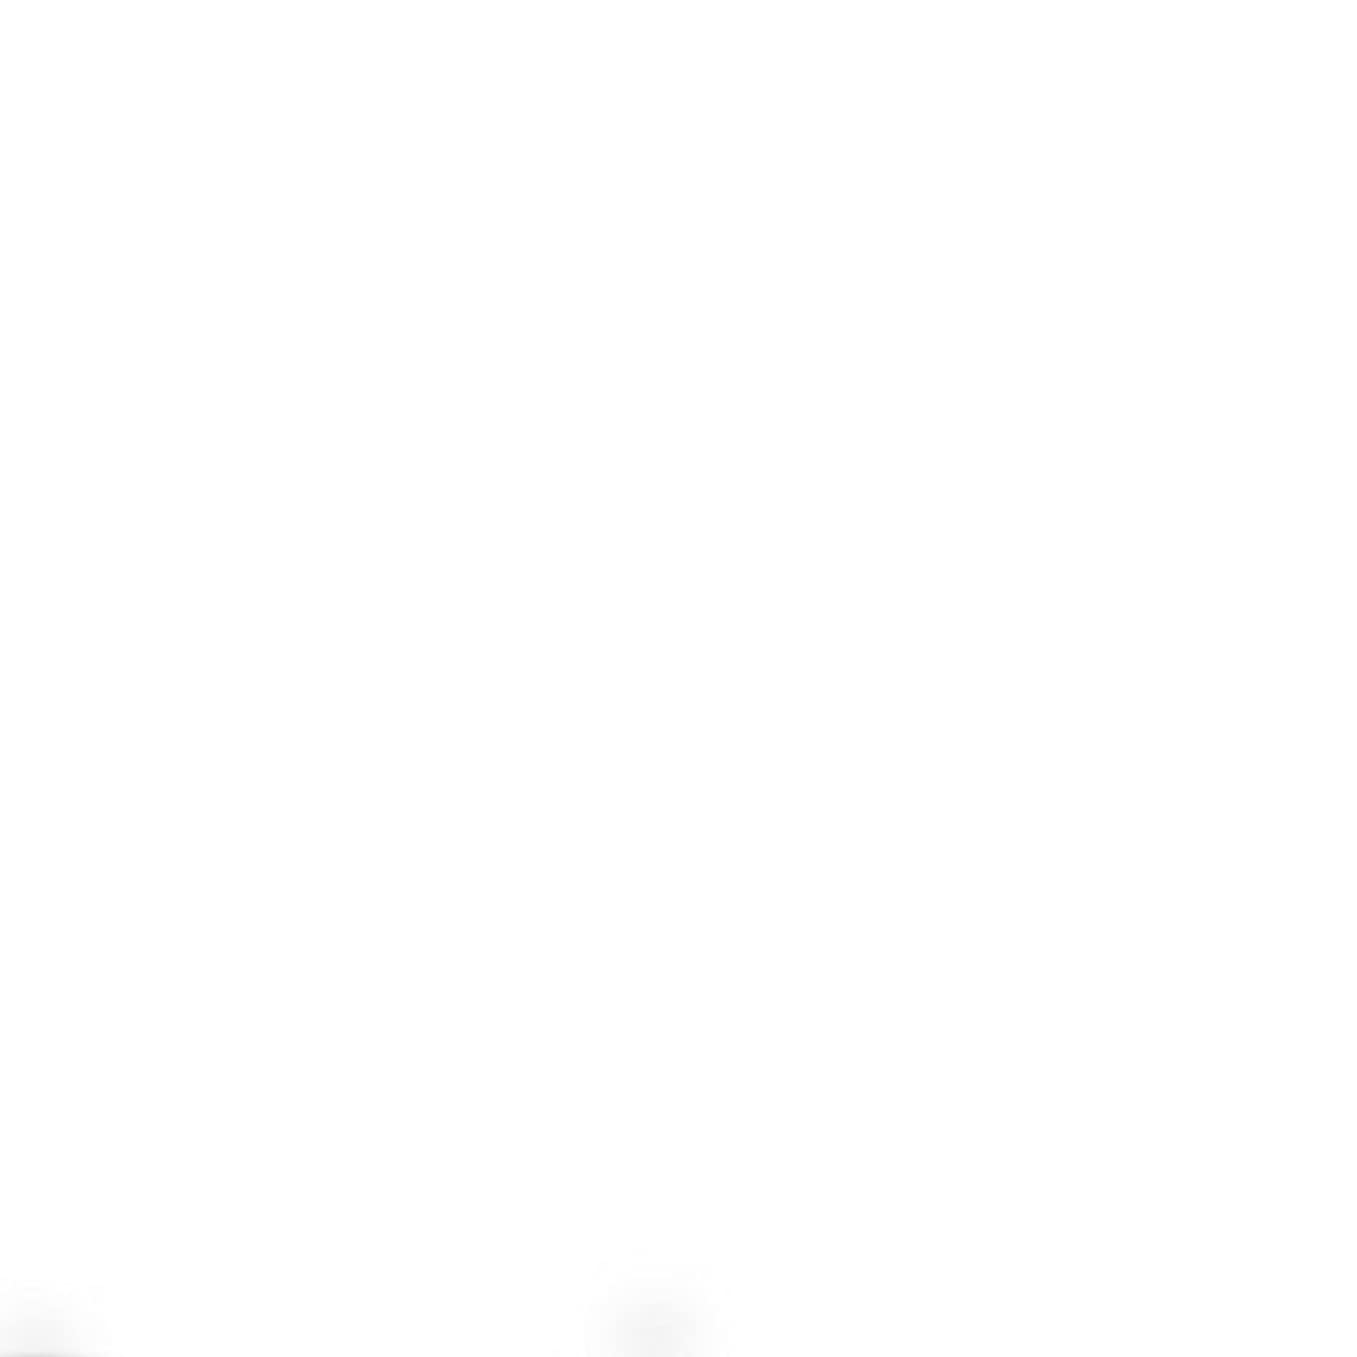 頼むゴール保持するNeutrogena ニュートロジーナ ウェットスキン キッズ 日焼け止めセット (チューブタイプ) [並行輸入品]